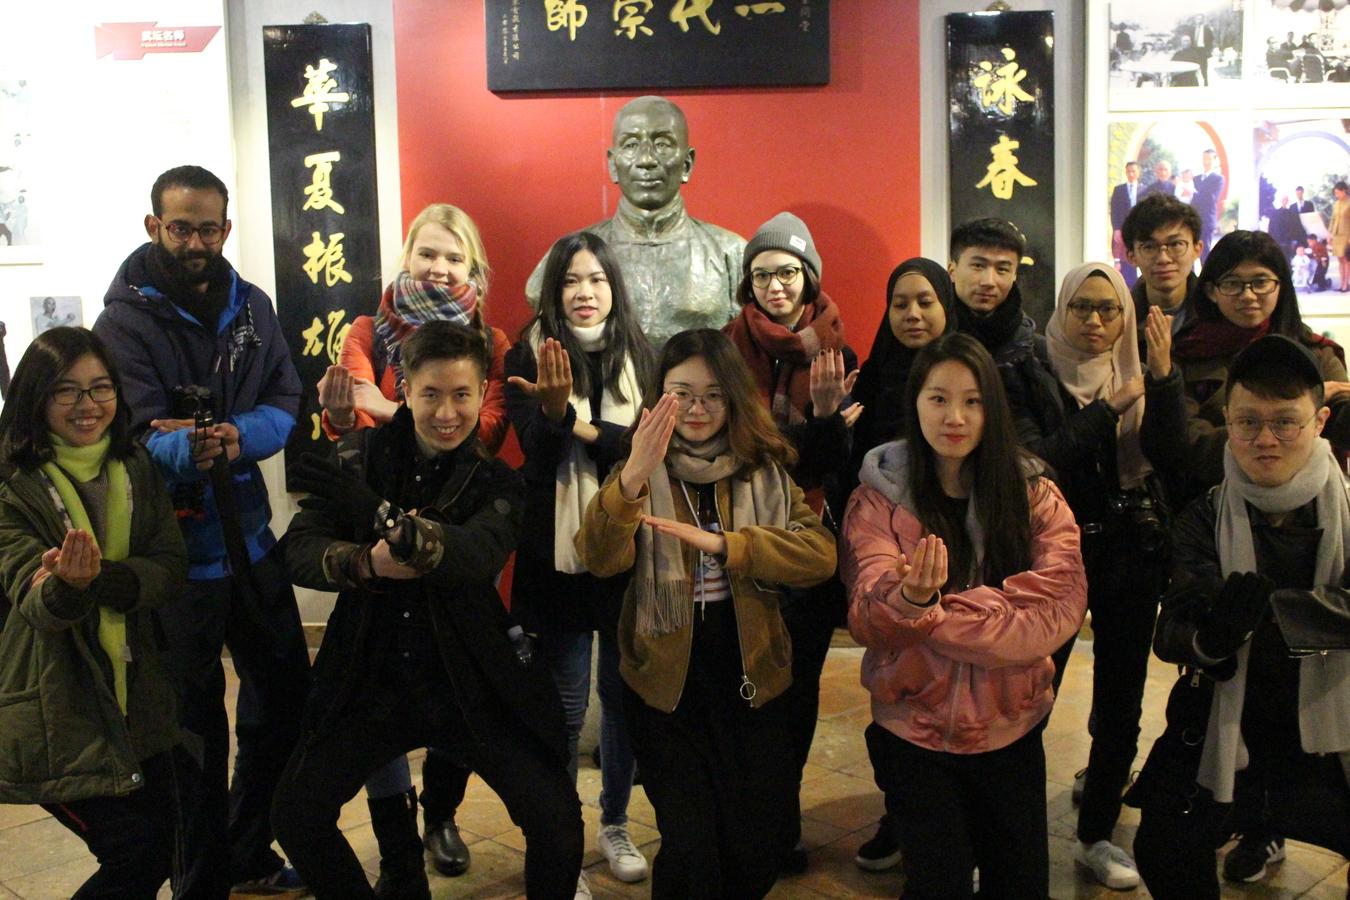 Explore China in Zhuhai 14.0